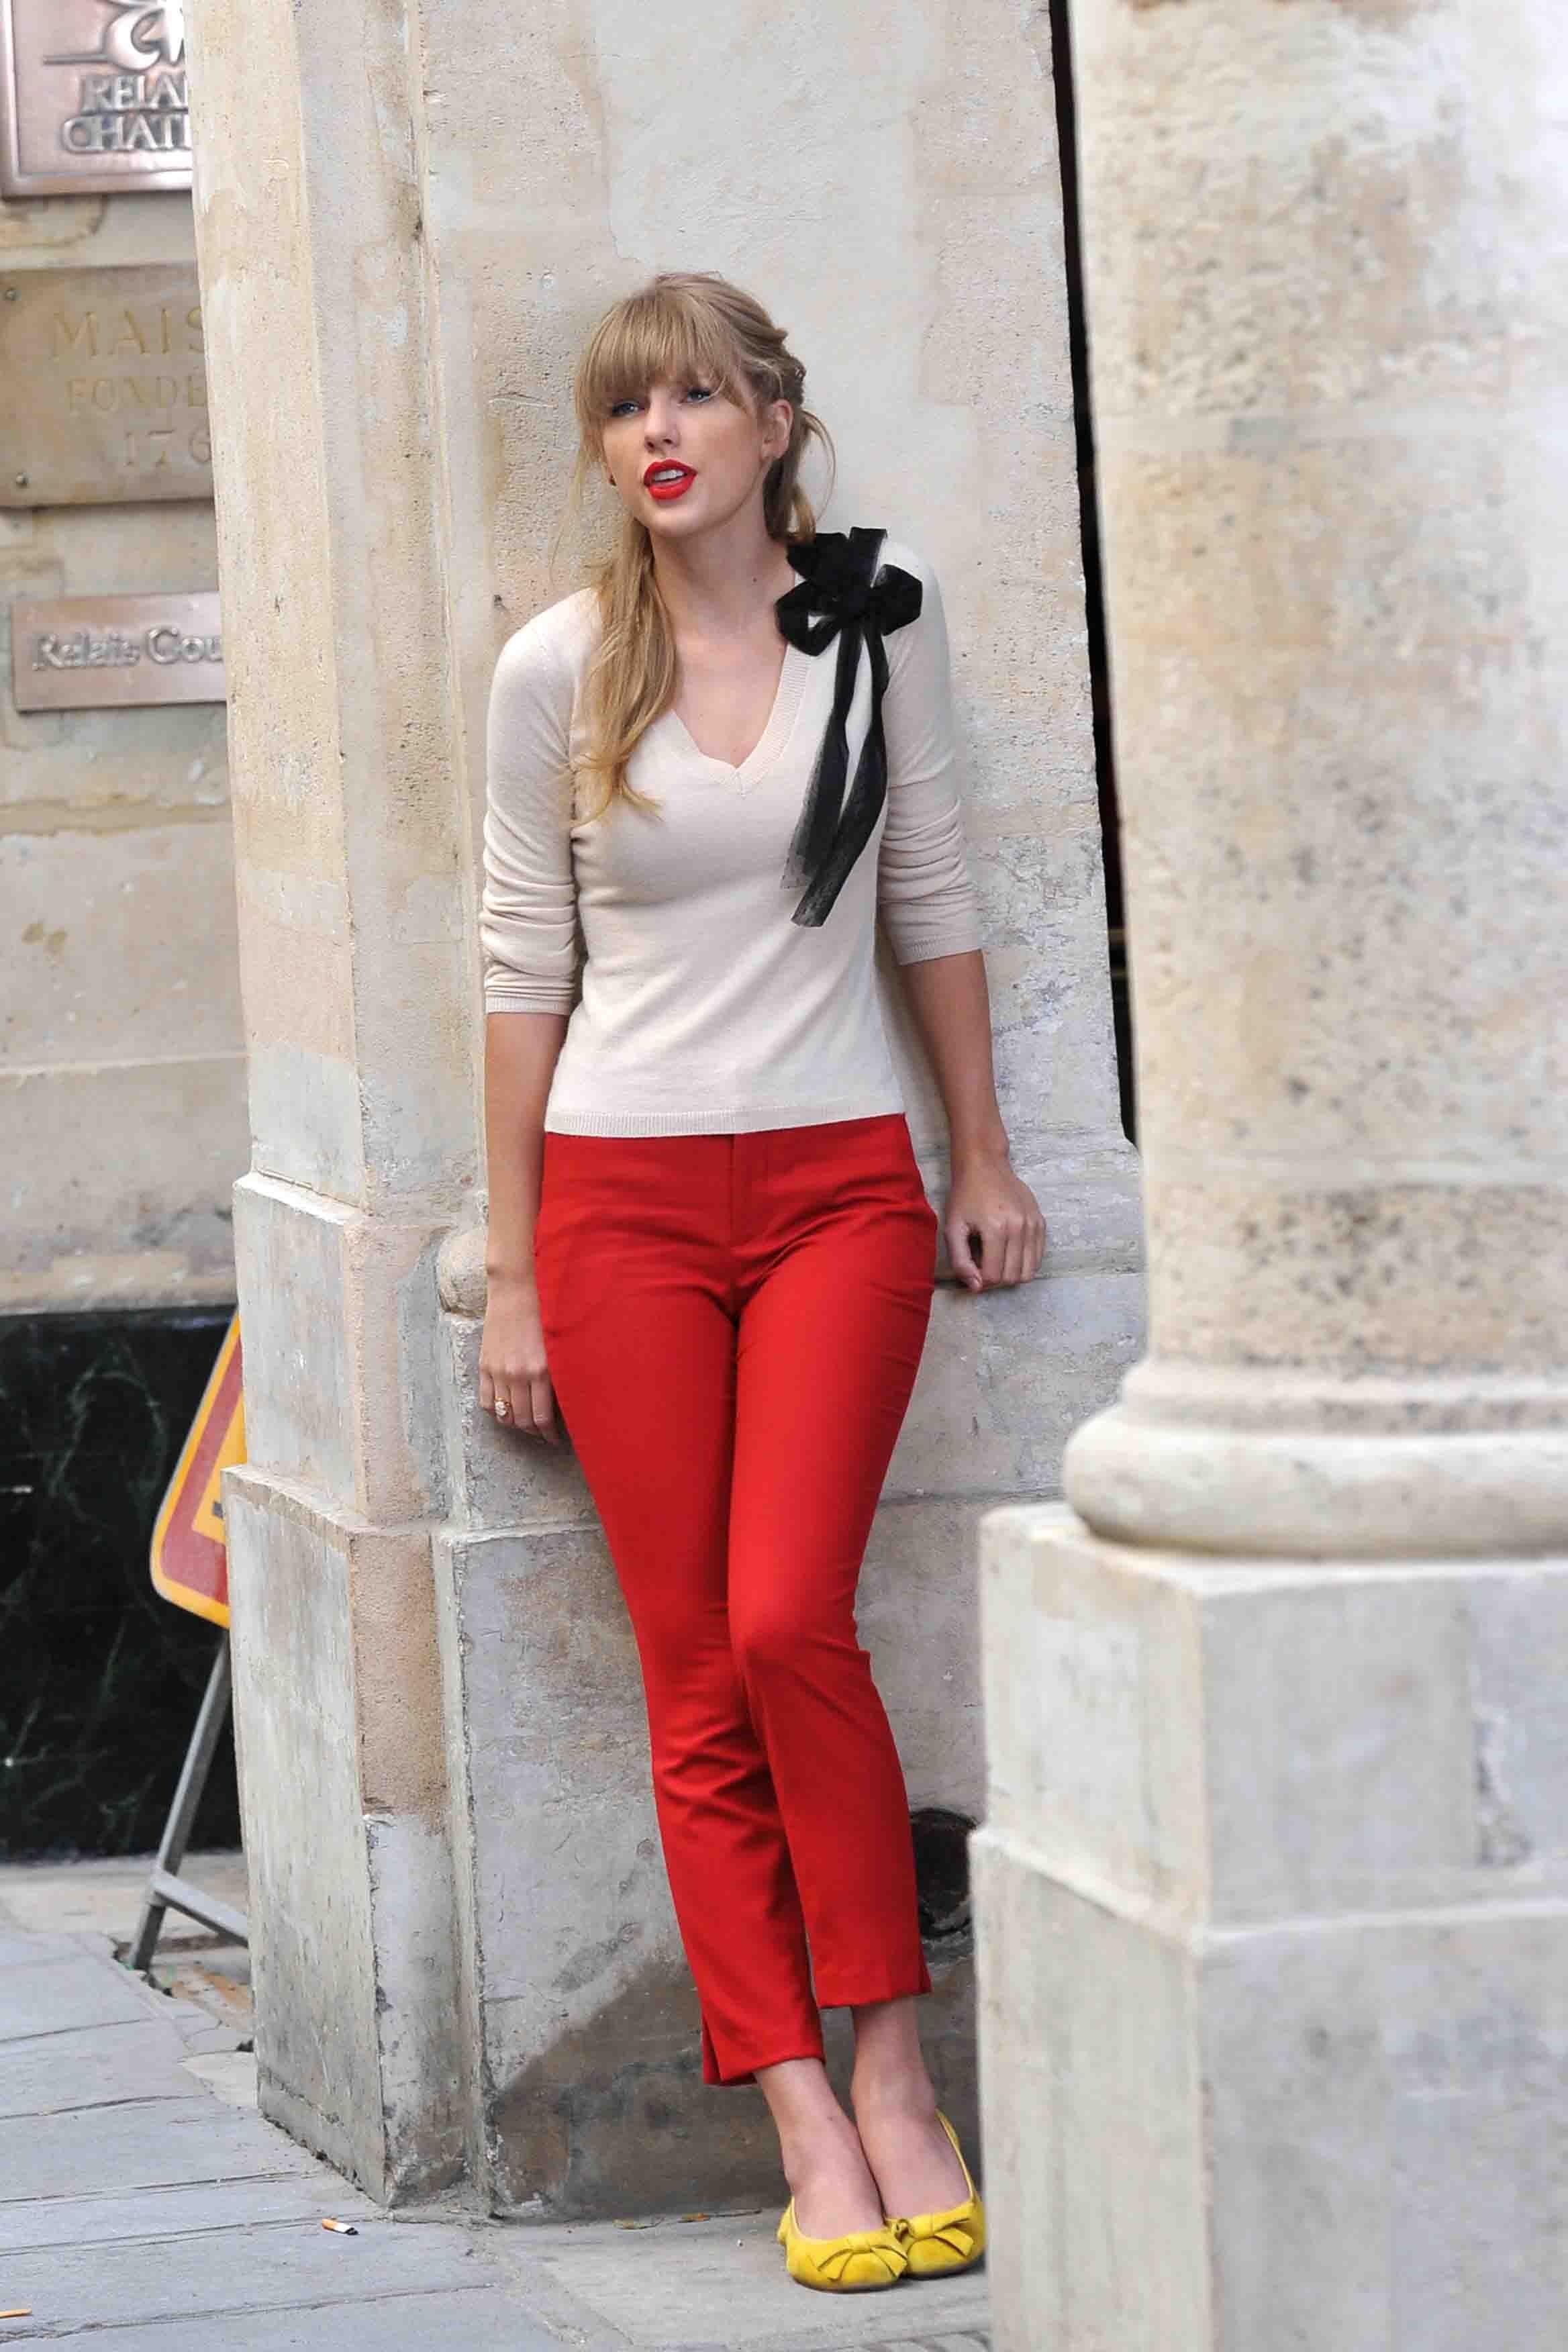 Sequin gold skirt zara, Denim Spring-summer trends for women